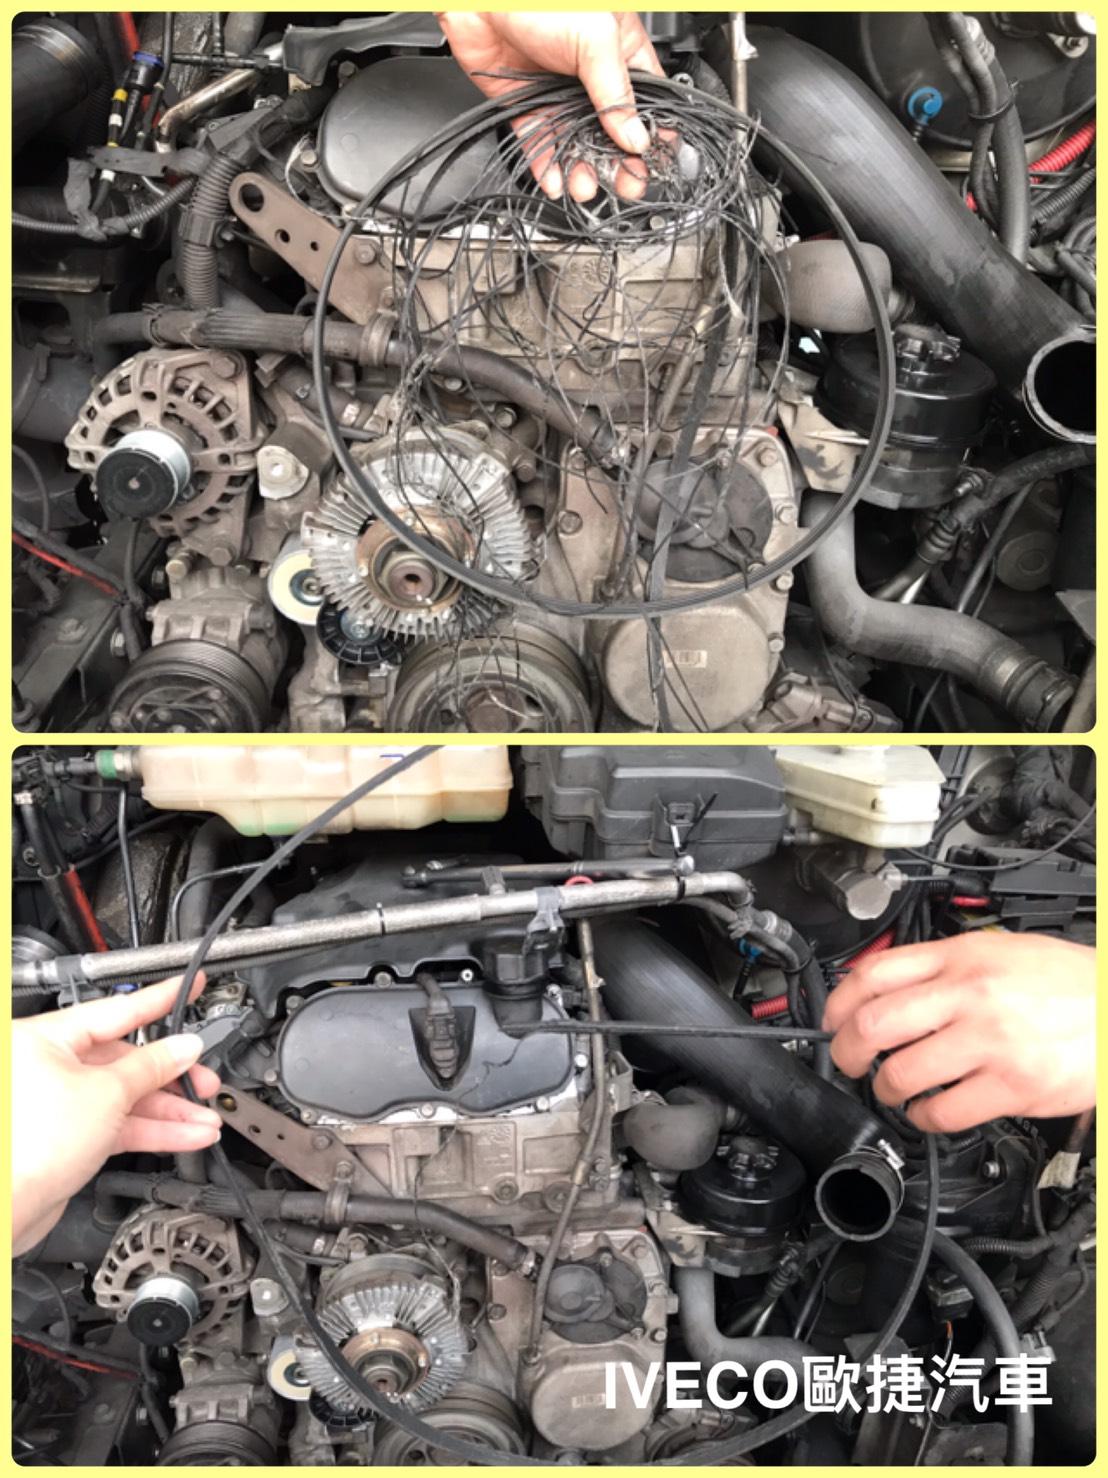 皮帶轉動時牽引著引擎運轉